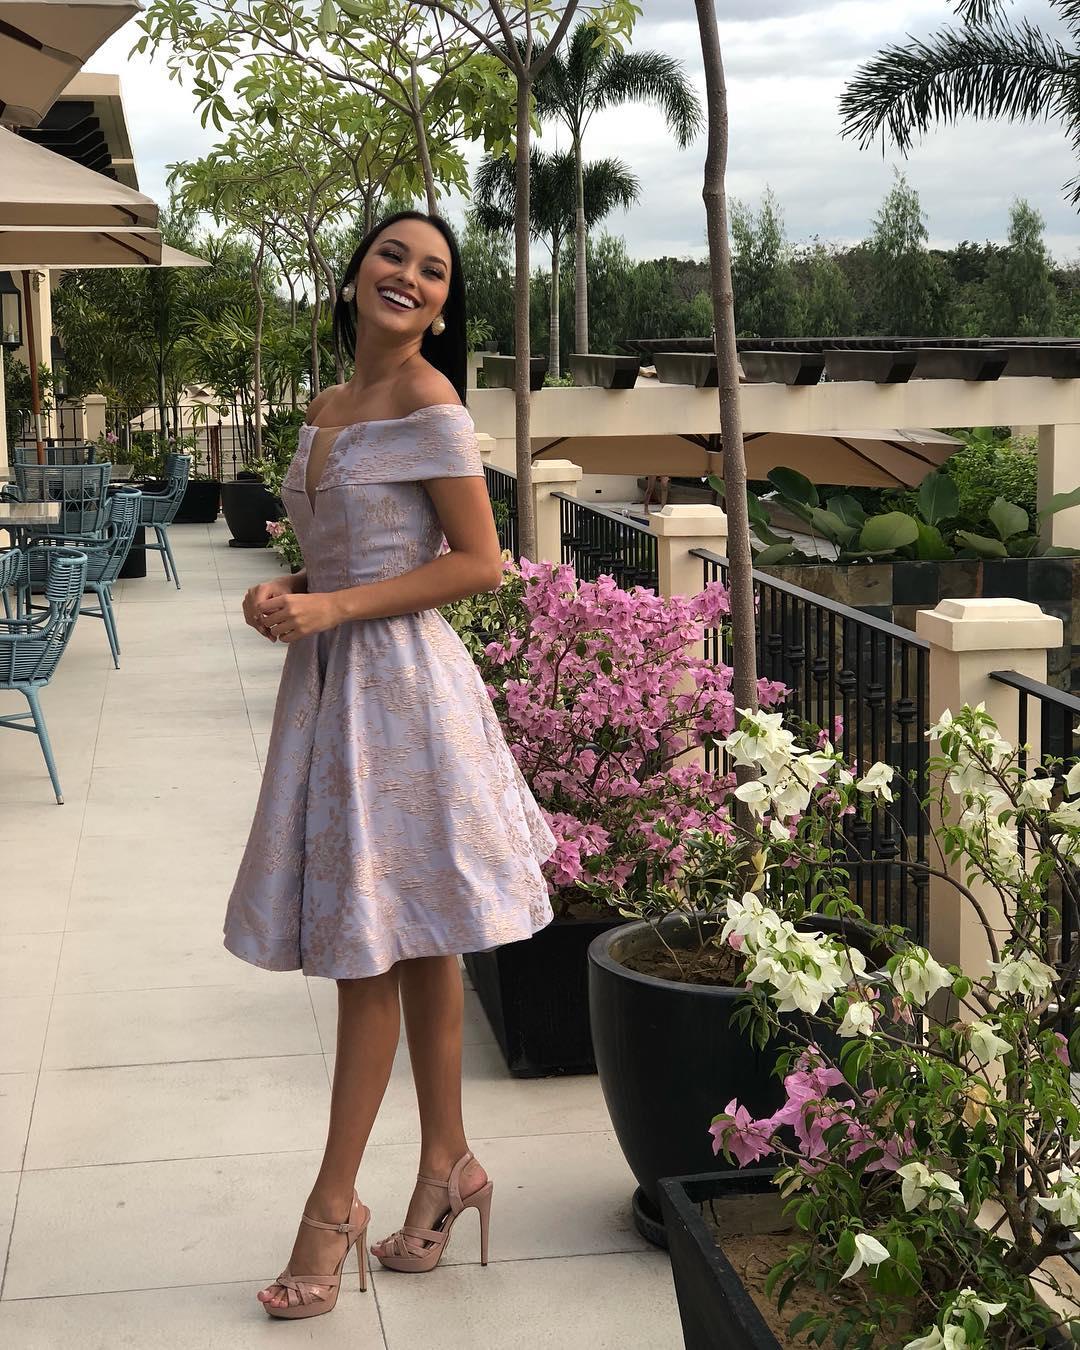 hillary hollman, 3rd runner-up de miss intercontinental 2018-2019. - Página 5 Agbprf10